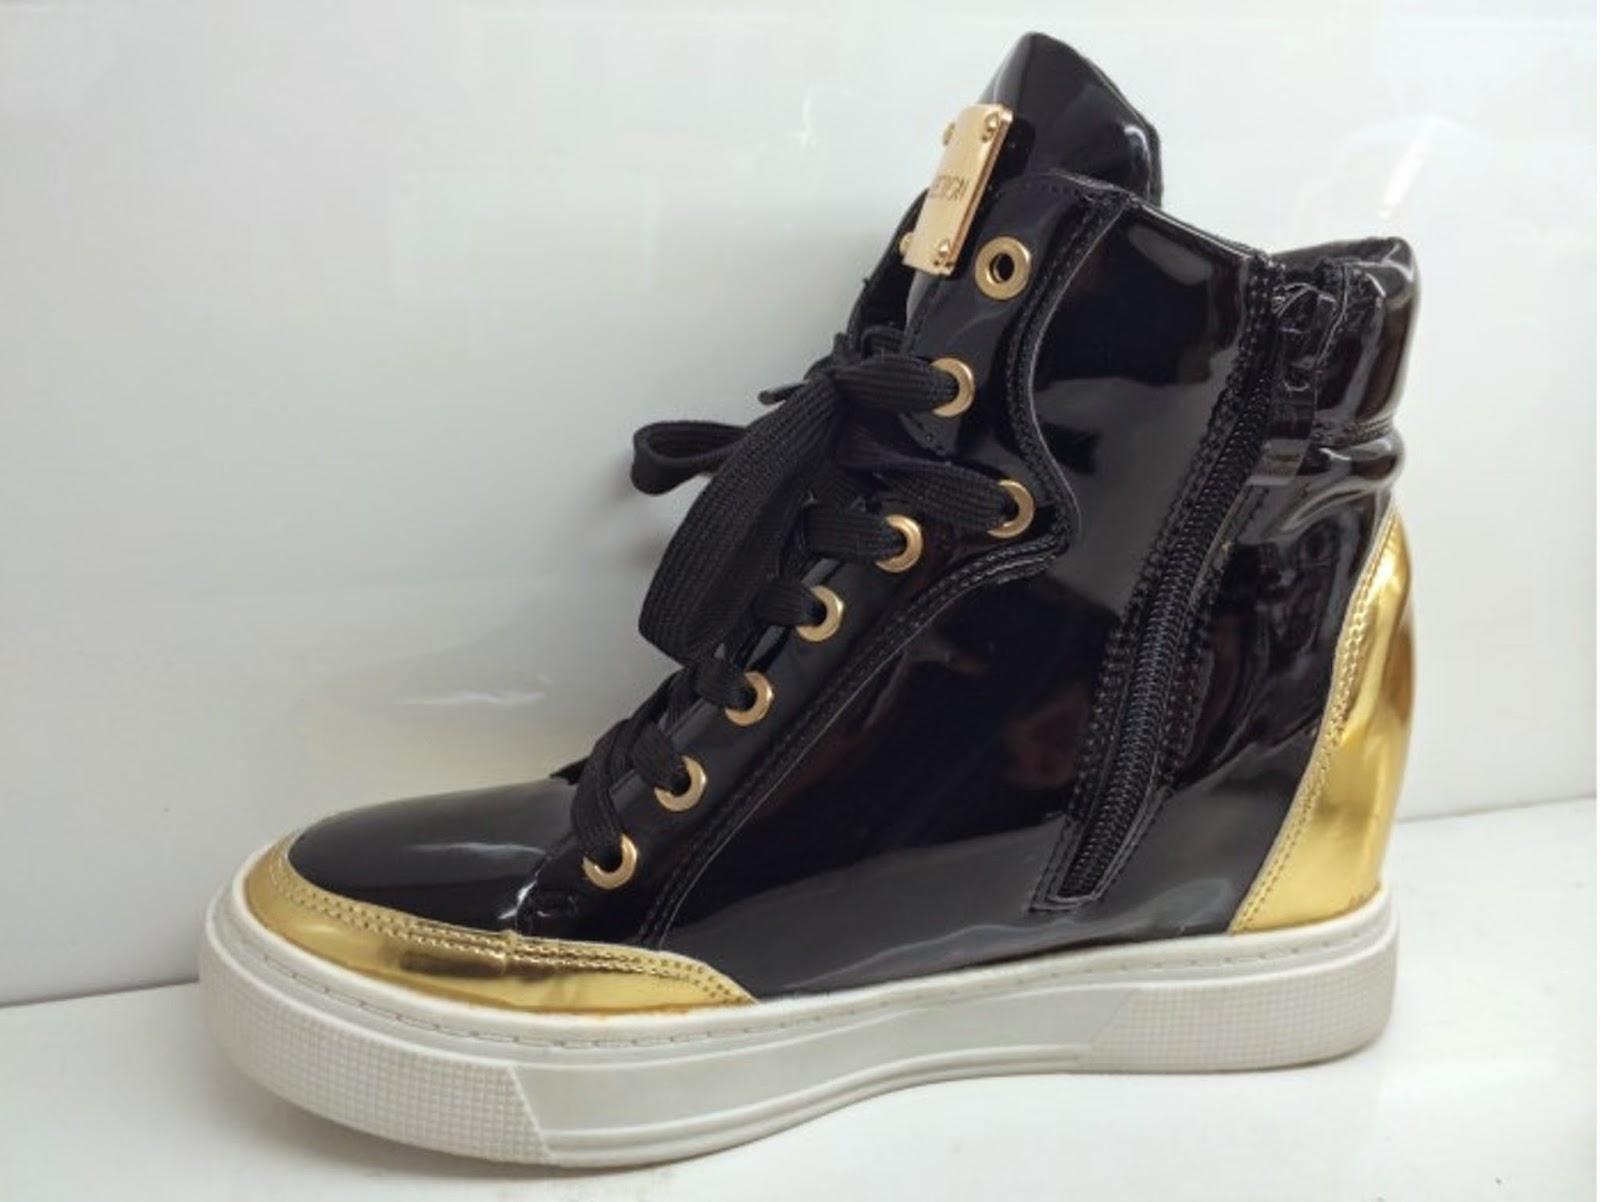 http://www.ebay.fr/itm/NOUVEAU-baskets-sneakers-montantes-noir-et-or-matelasse-vernis-decontracte-chic-/301467564515?ssPageName=STRK:MESE:IT